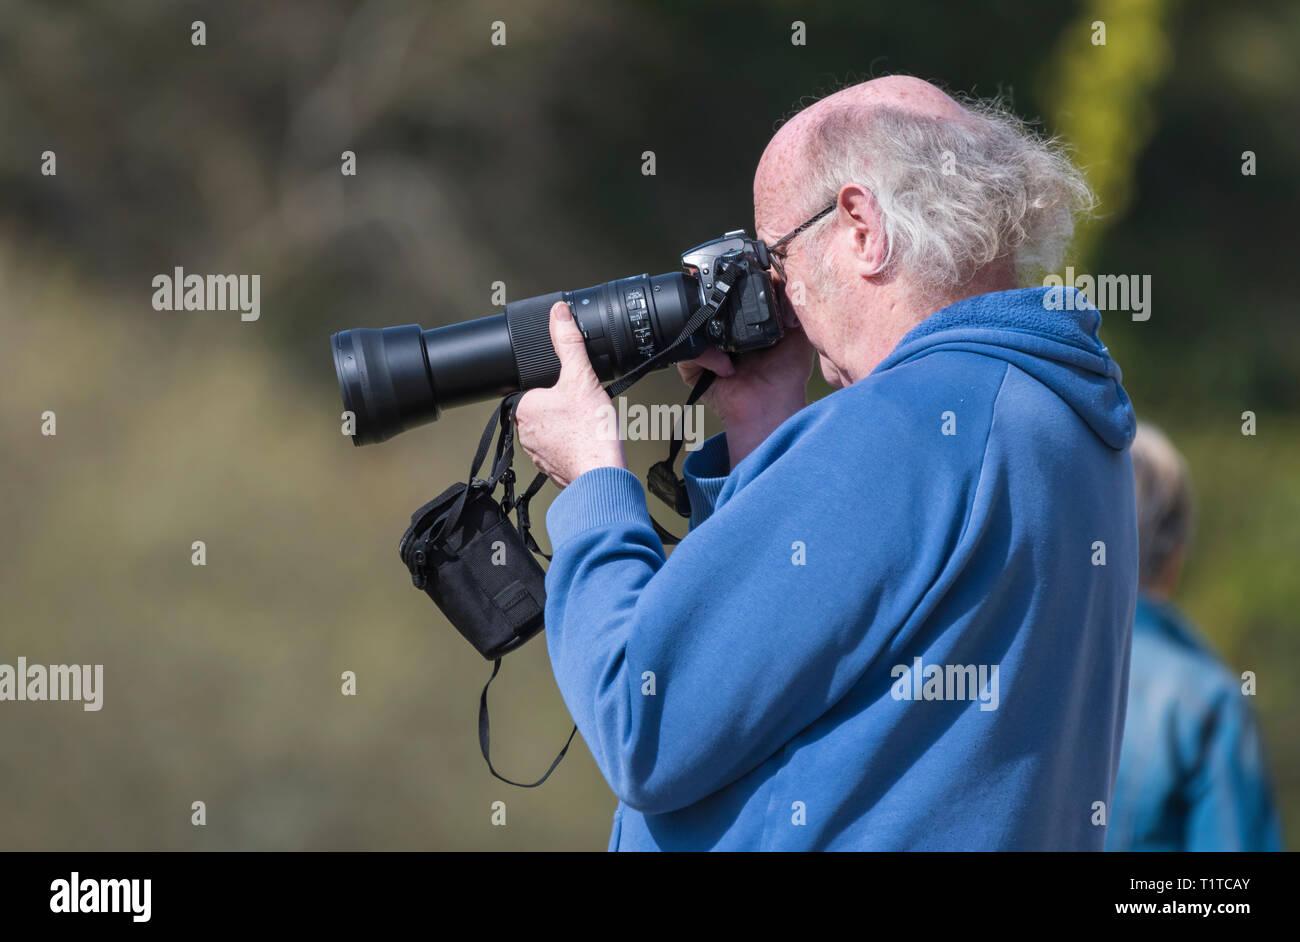 Ältere Menschen Fotografieren mit einer DSLR und langen Teleobjektiv. Seitenansicht der männlichen Aufnehmen von Fotos mit einer Digitalkamera. Rentner Hobby. Stockbild